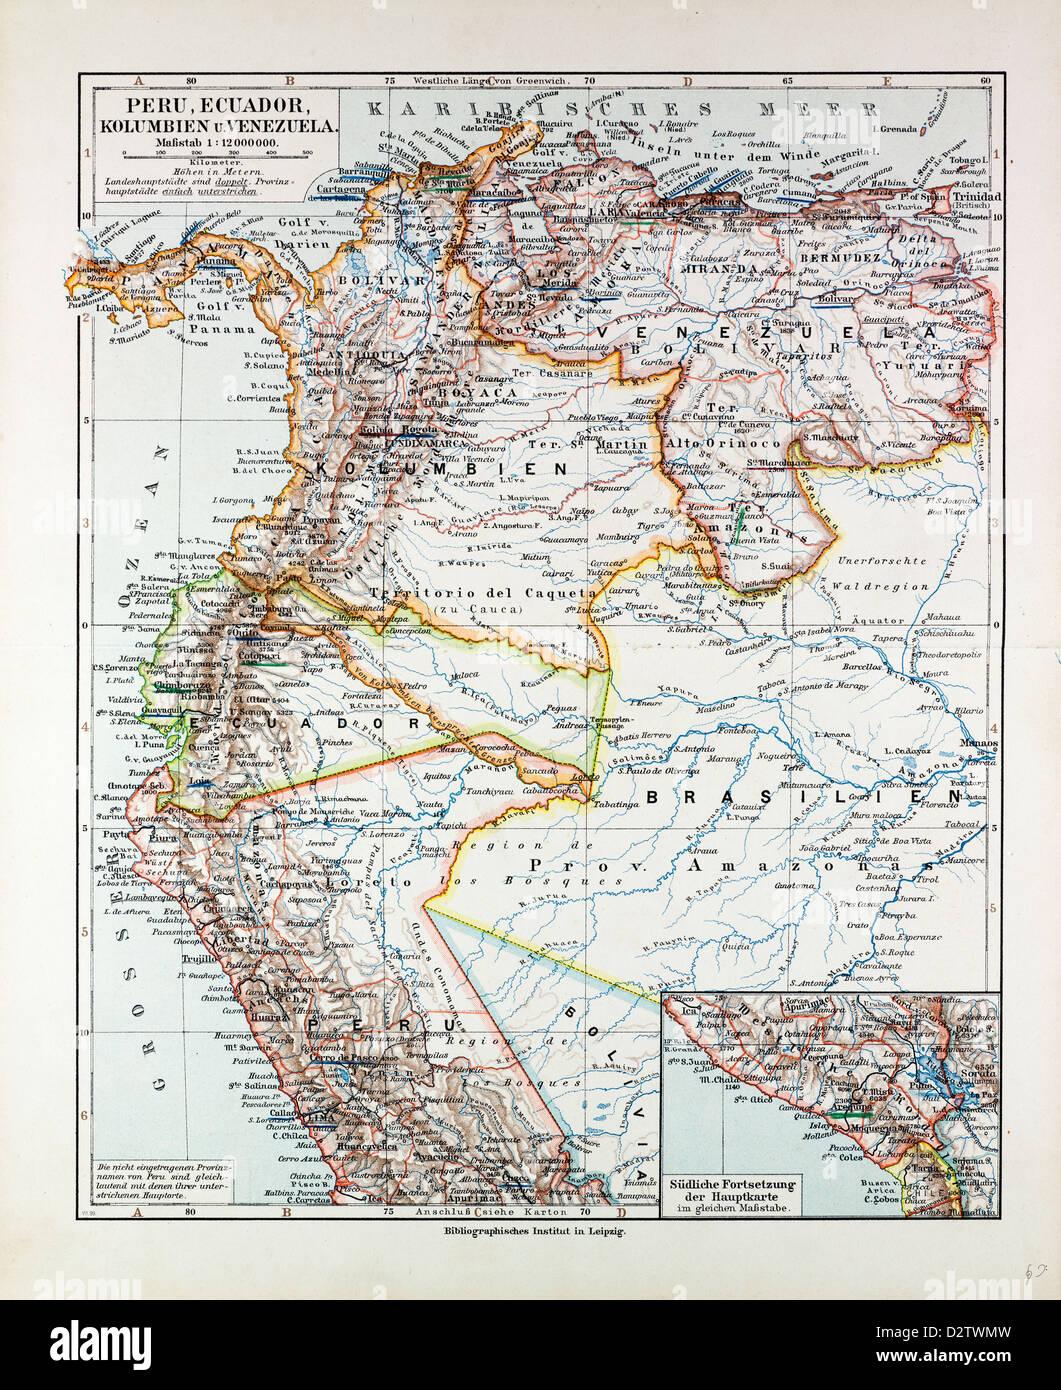 Map peru stock photos map peru stock images alamy map of peru ecuador venezuela and columbia 1899 stock image gumiabroncs Gallery